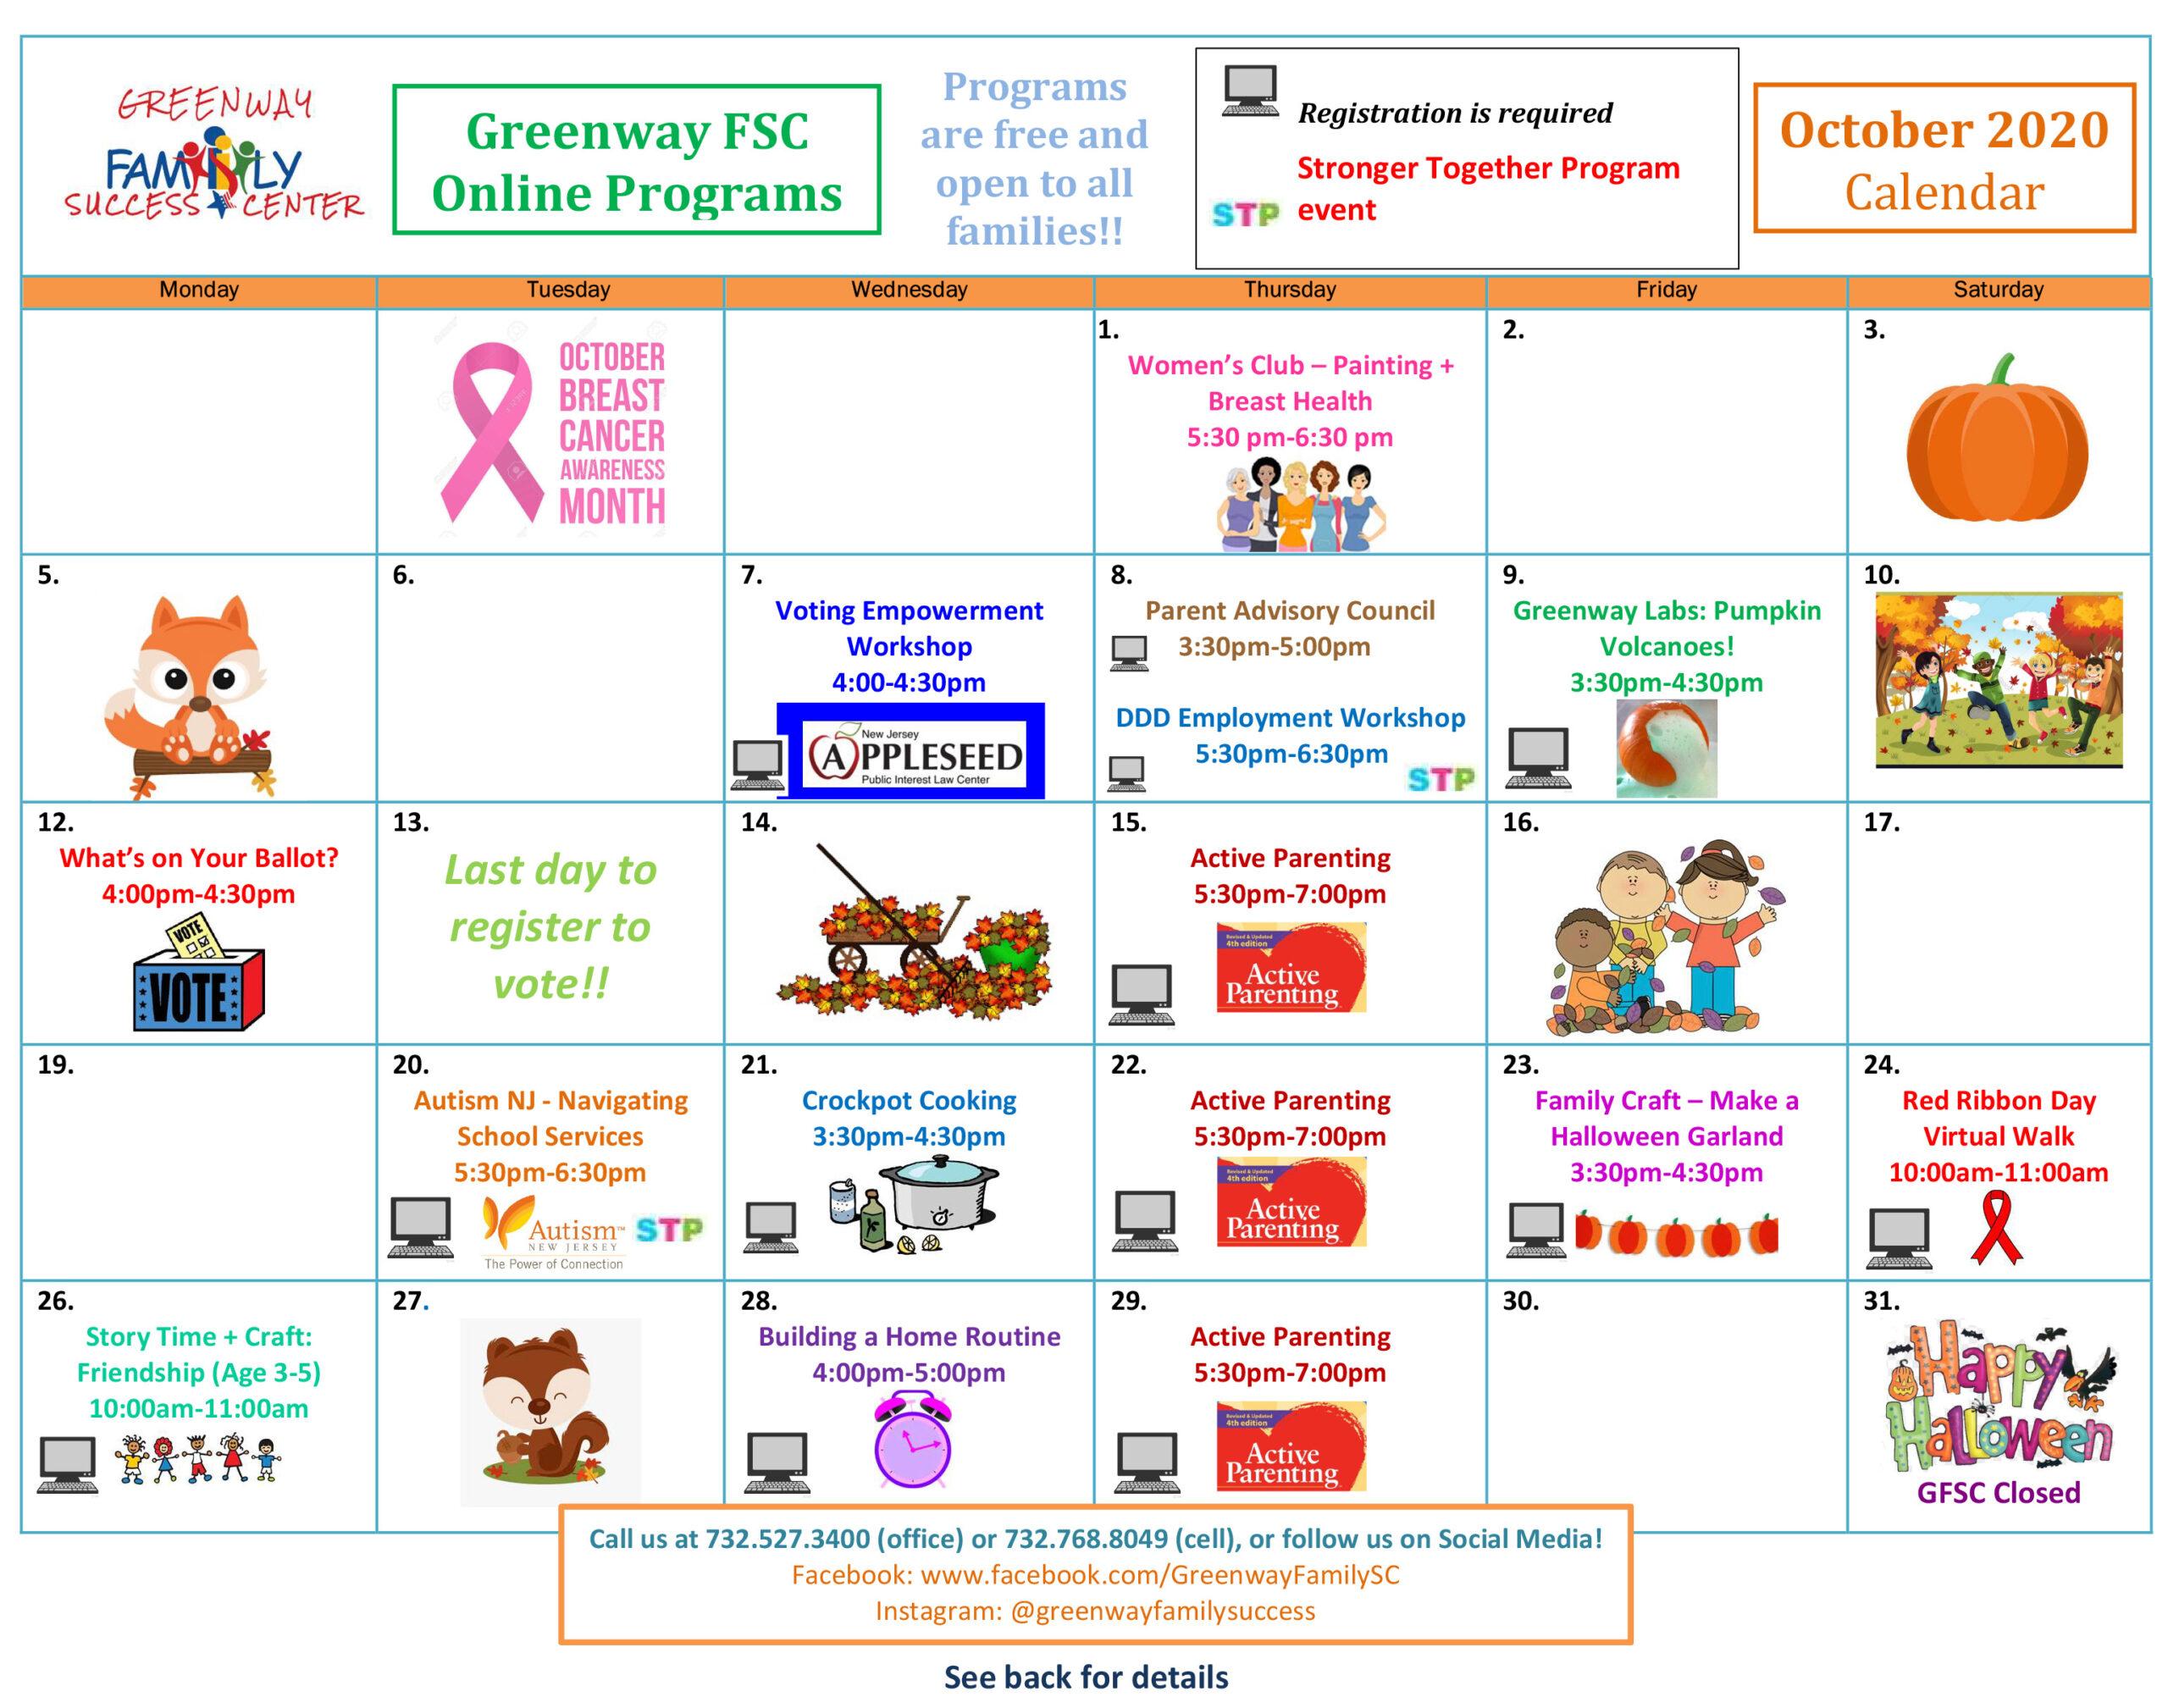 Greenway Monthly Calendar October 2020